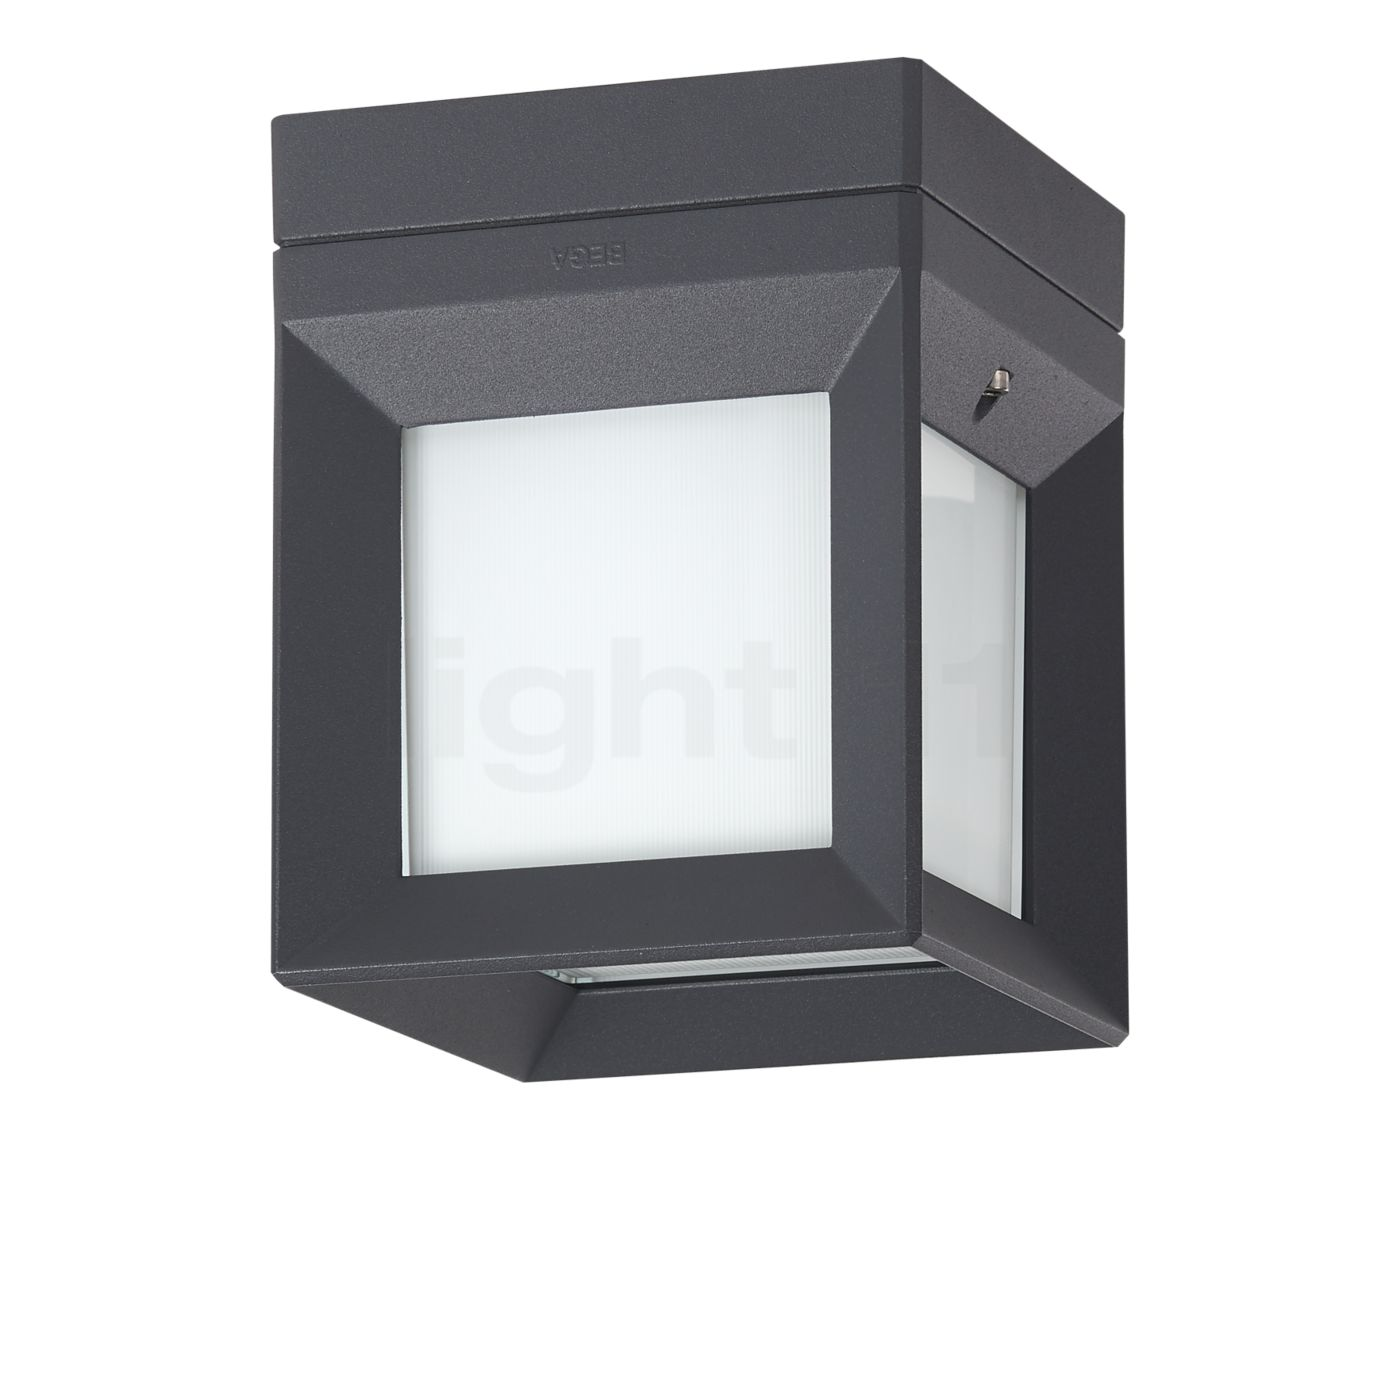 bega 22453 lampe murale plafonnier led. Black Bedroom Furniture Sets. Home Design Ideas